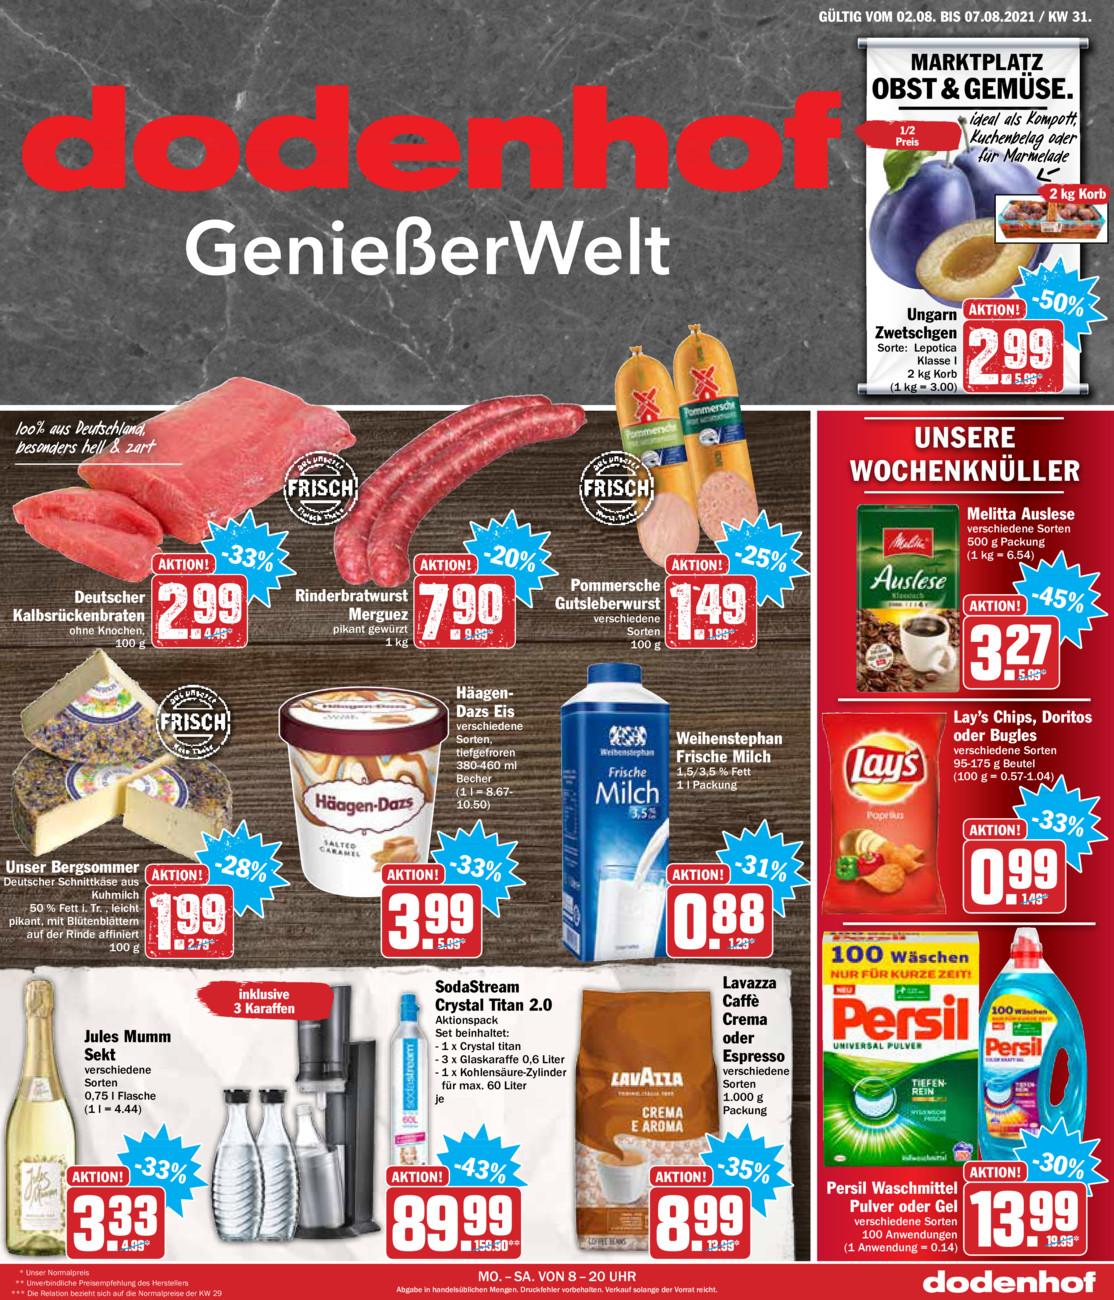 Dodenhof Genießermarkt vom Sonntag, 01.08.2021